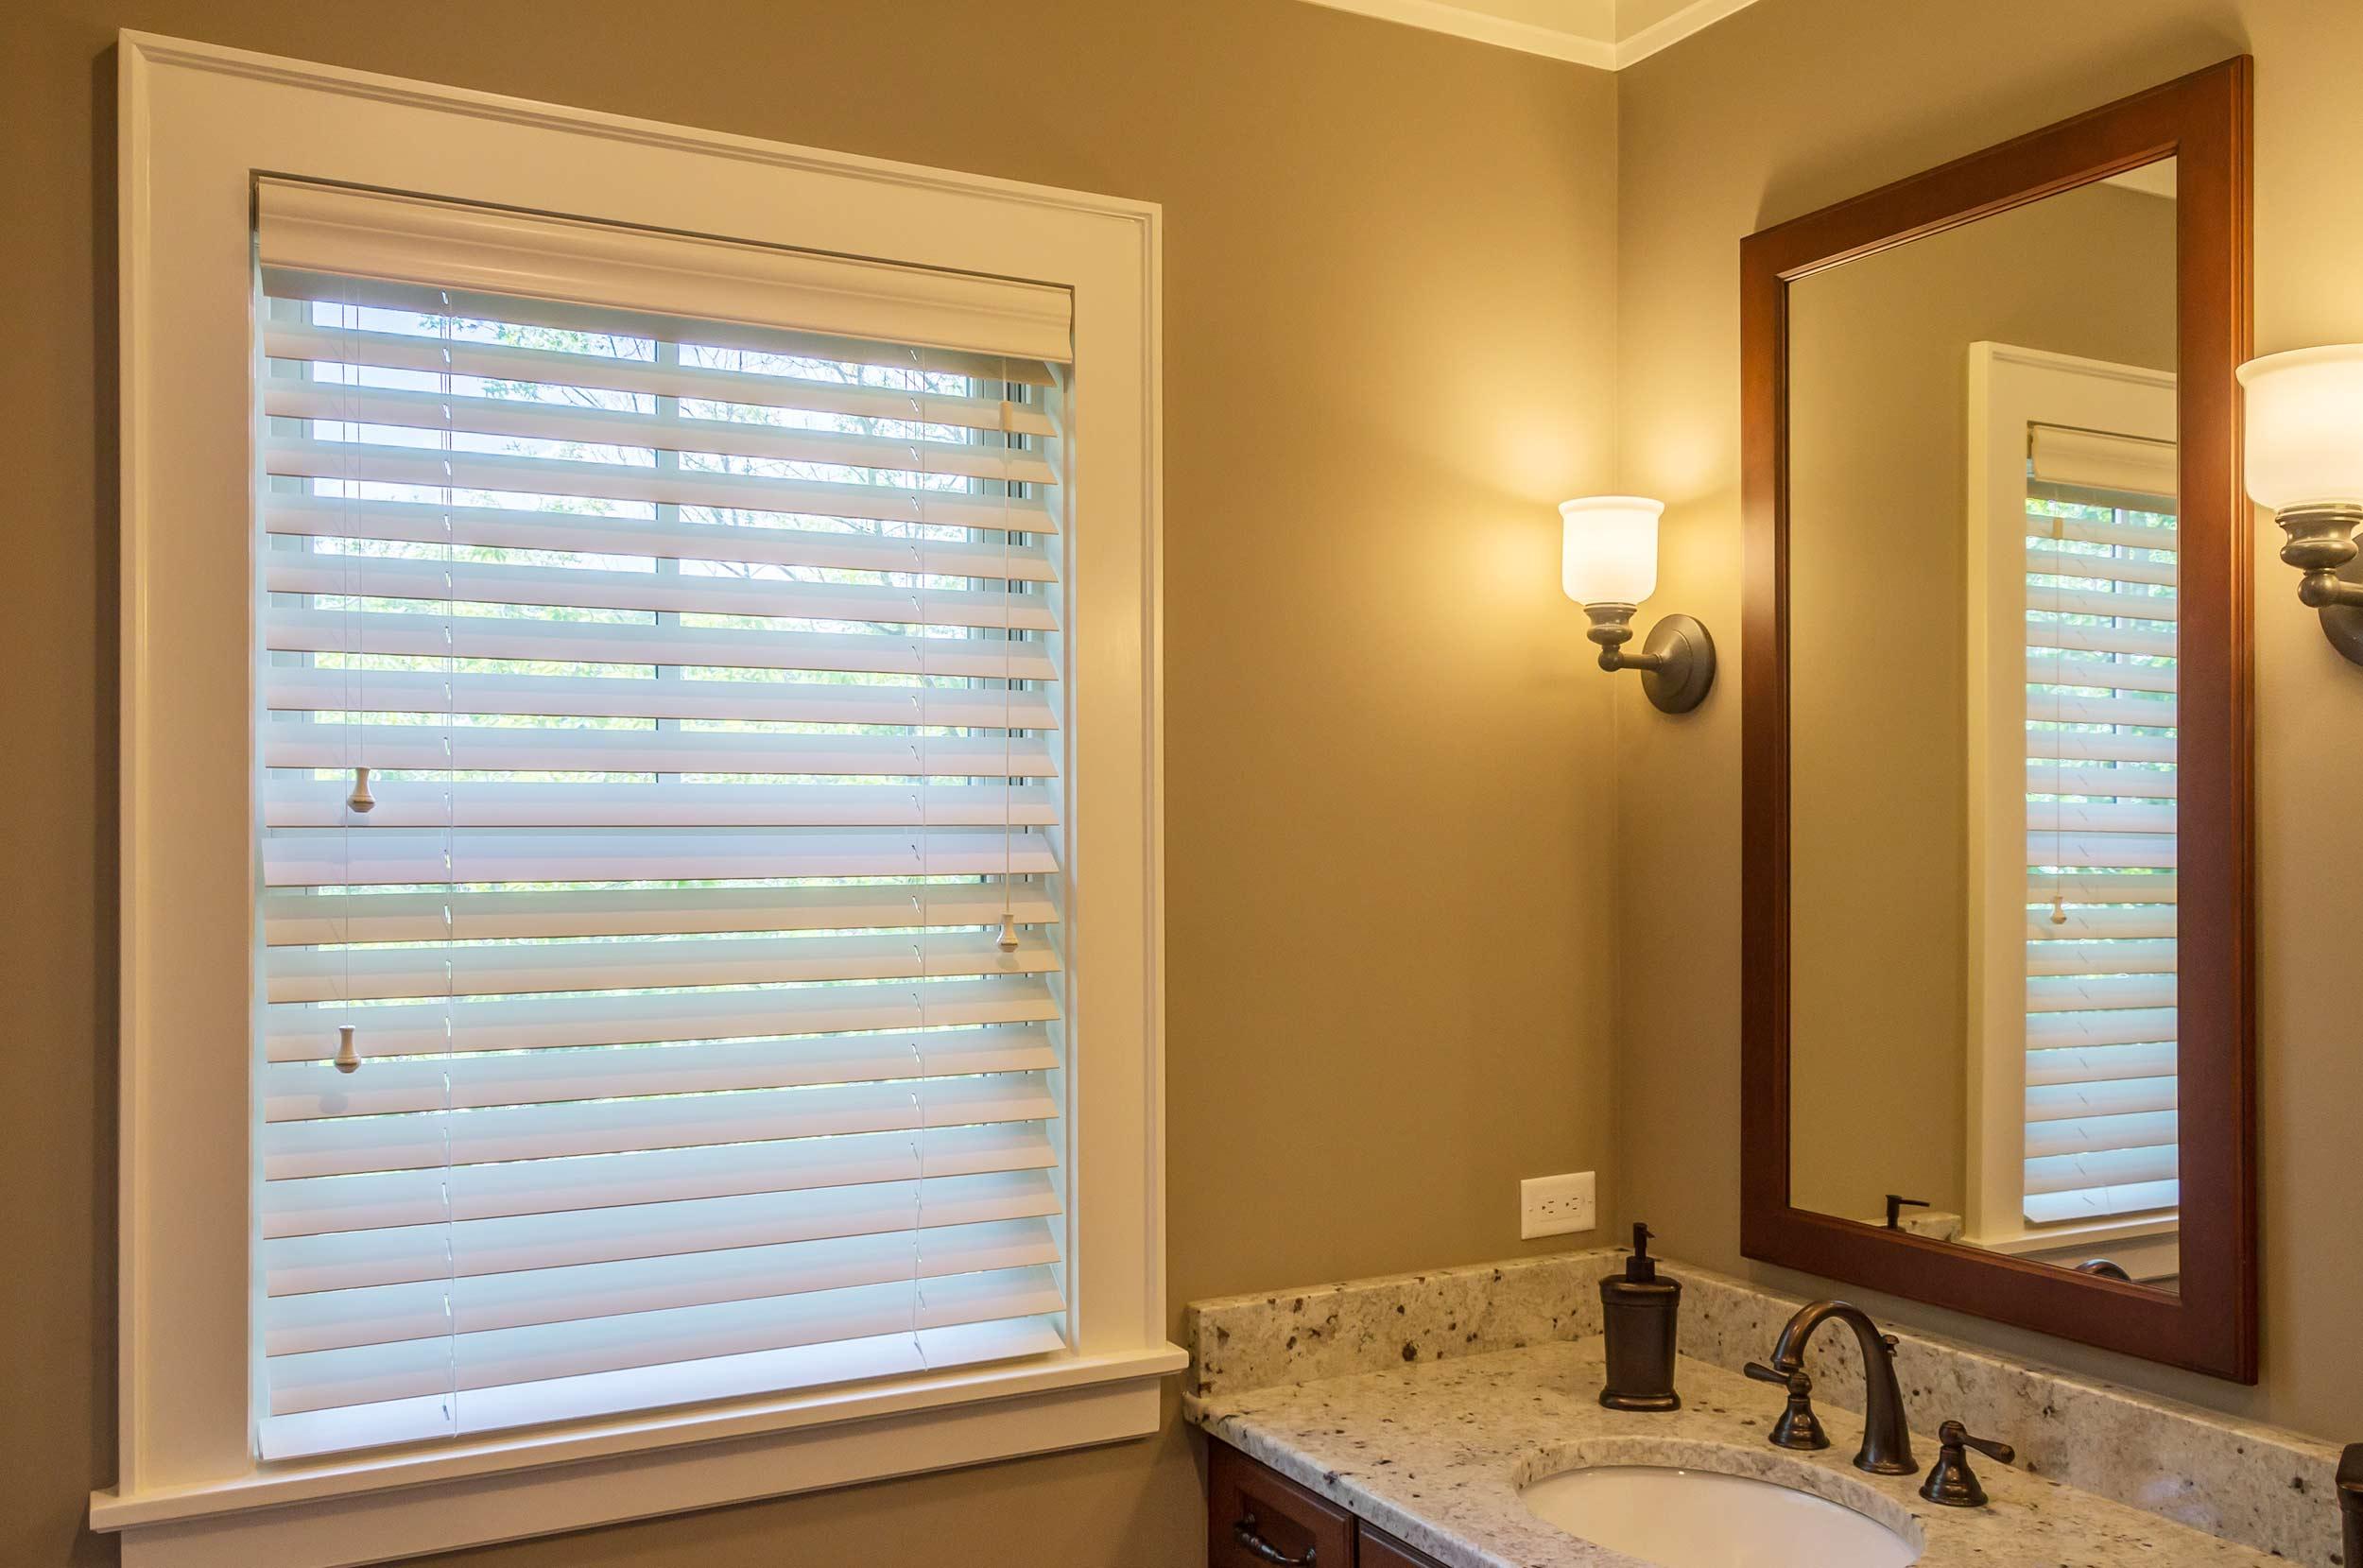 blinds_08.jpg